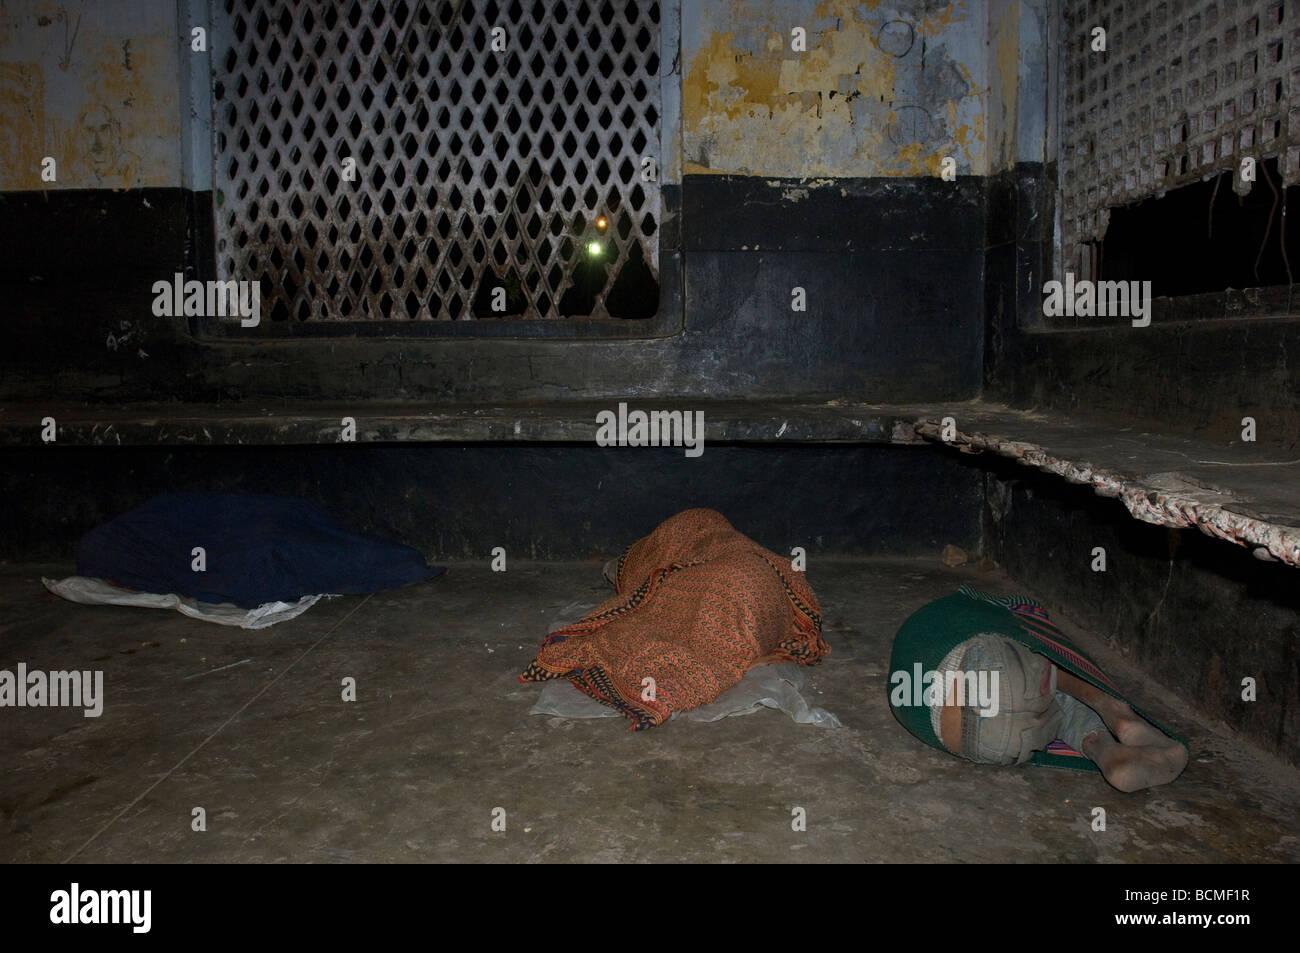 obdachlose menschen schlafen auf boden am bahnhof von khulna bangladesch stockfoto bild. Black Bedroom Furniture Sets. Home Design Ideas